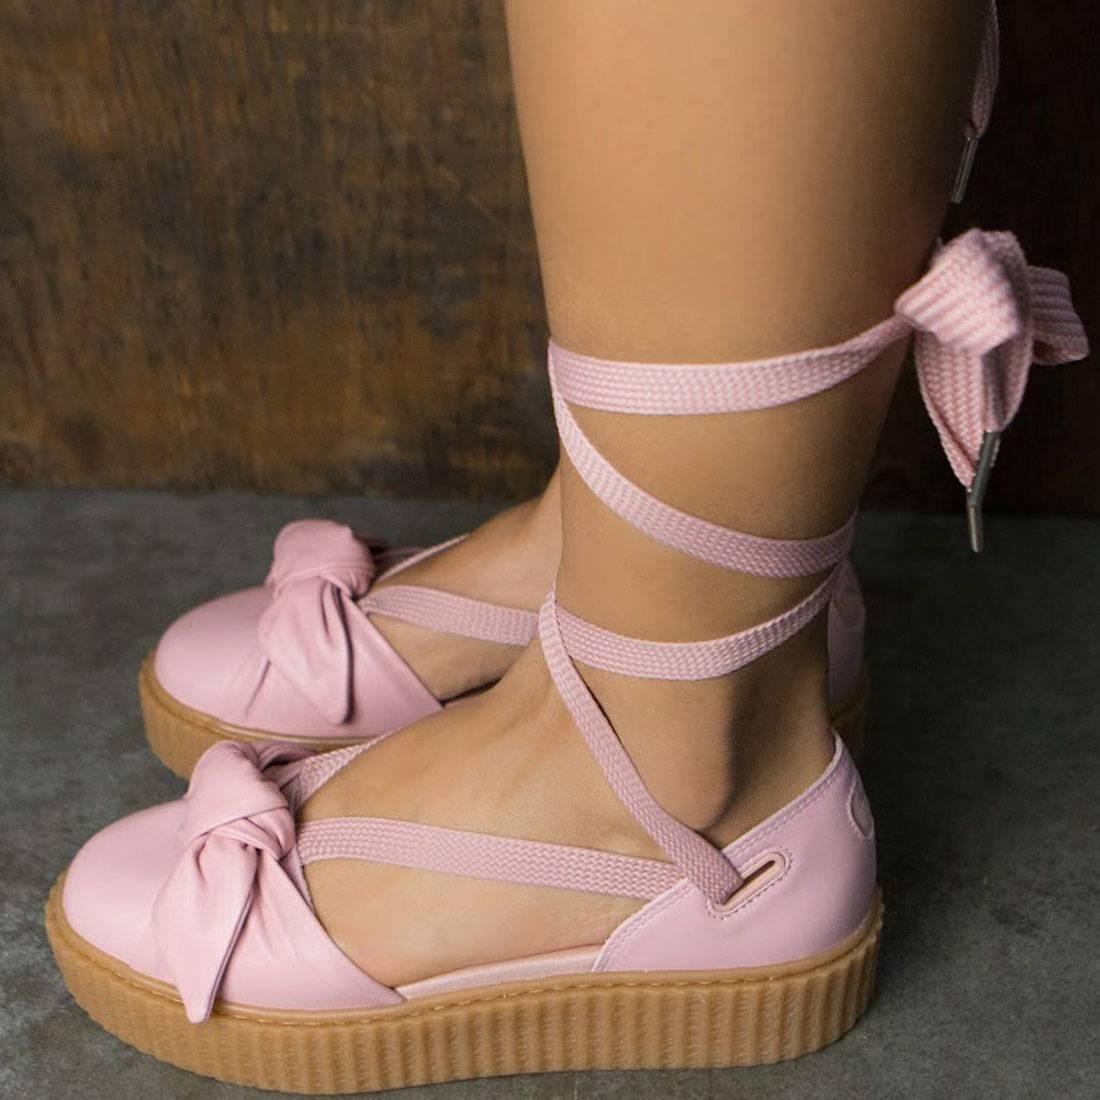 buy online fa299 1c3cb Puma x Fenty By Rihanna Women Bow Creeper Sandal (silver / pink / oatmeal)